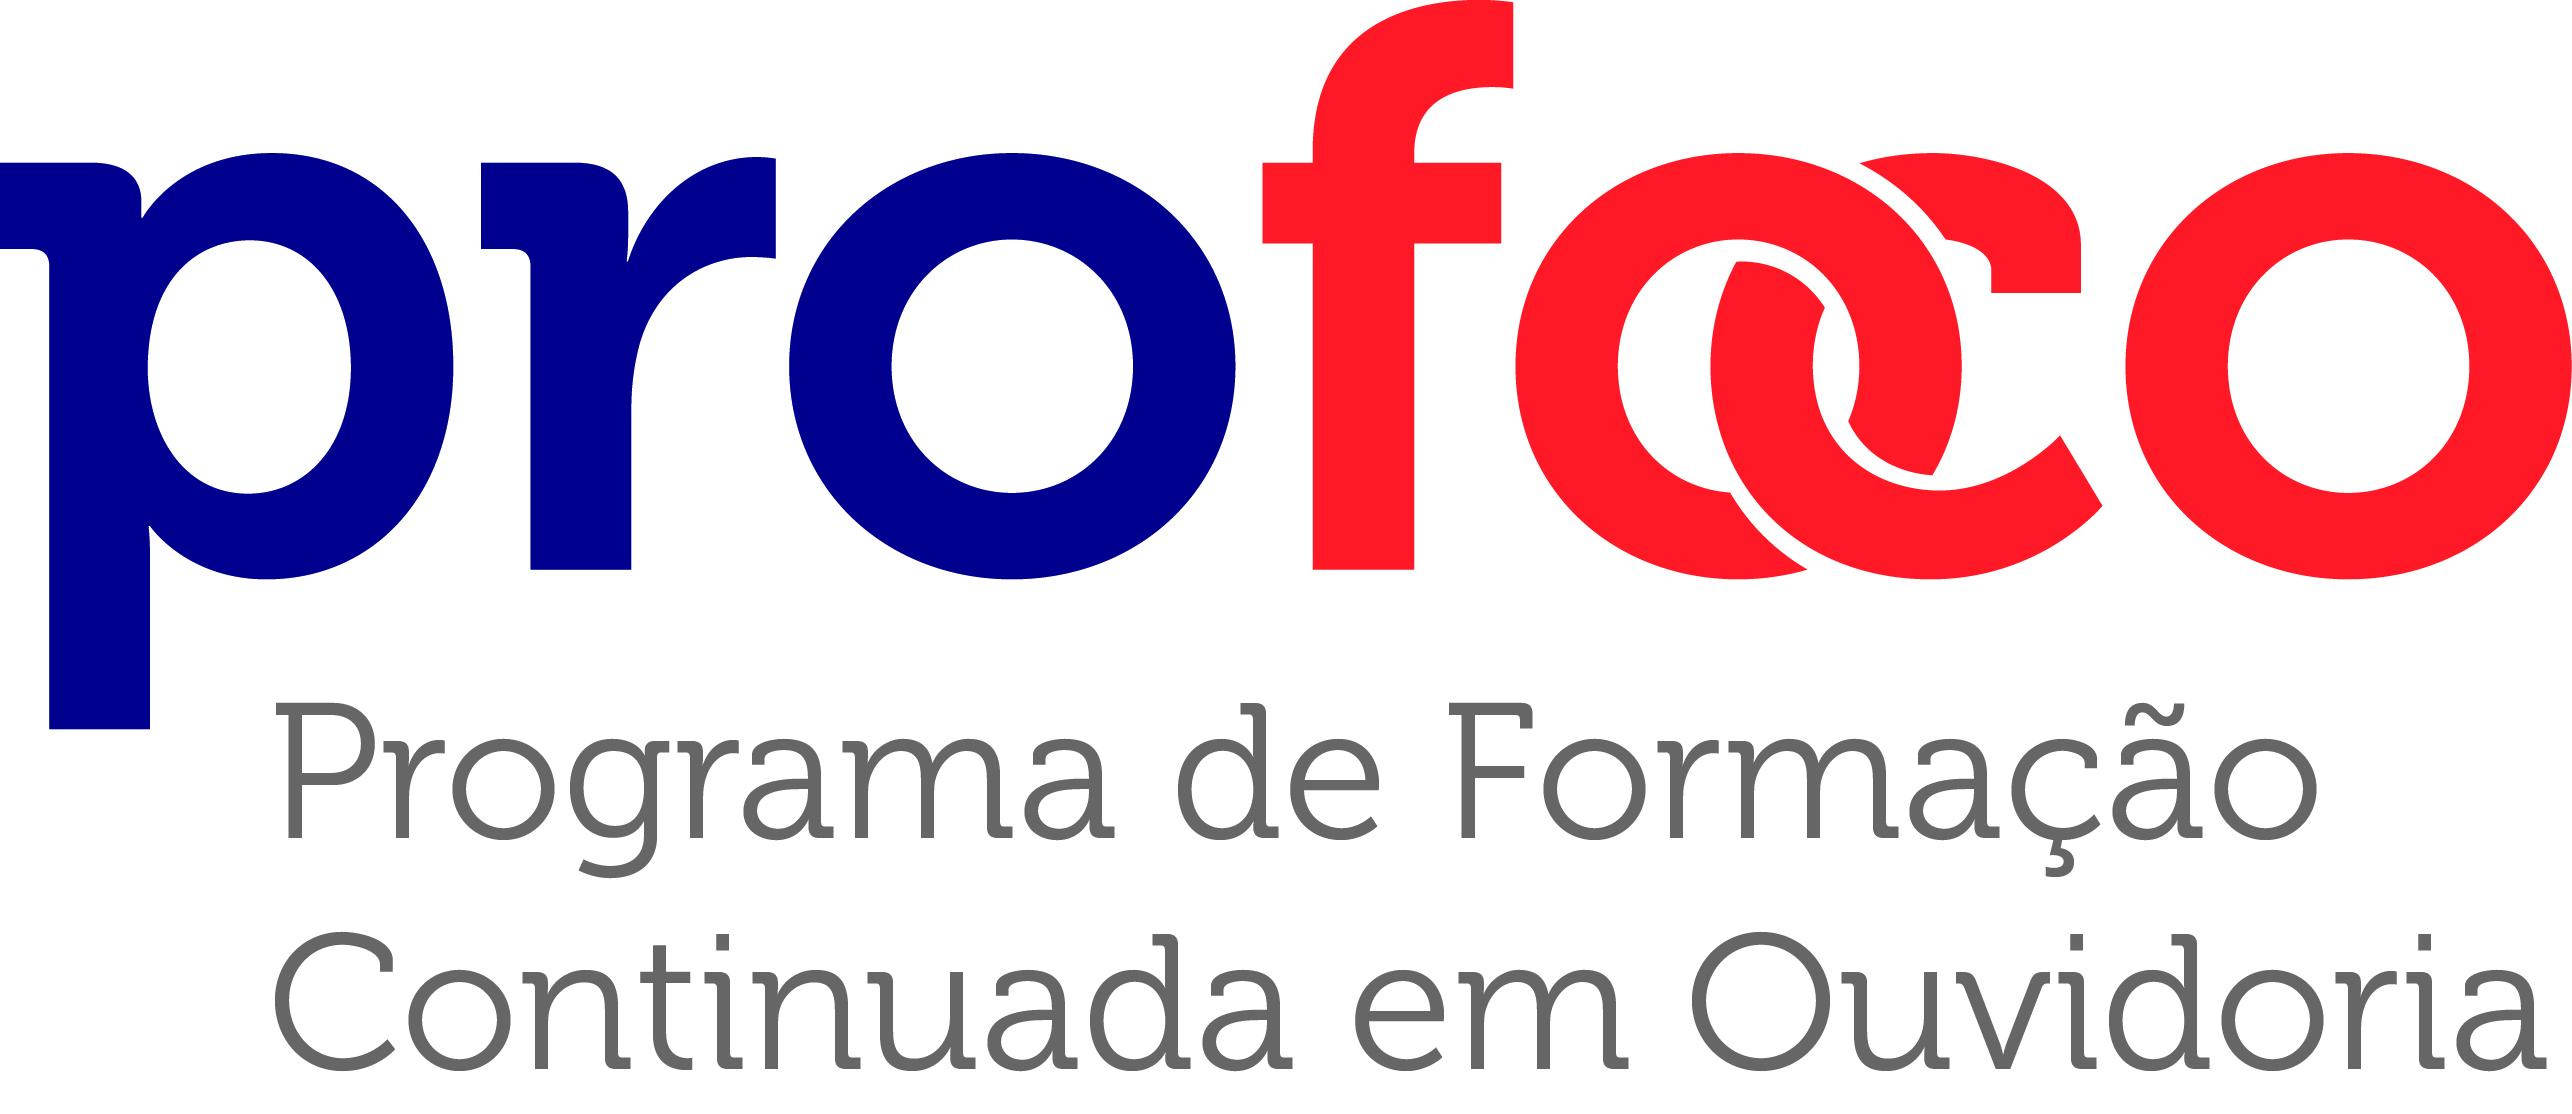 Curso Defesa do Usuário e Simplificação, no período de 04 a 06 de junho de 2019, em Boa Vista/RR